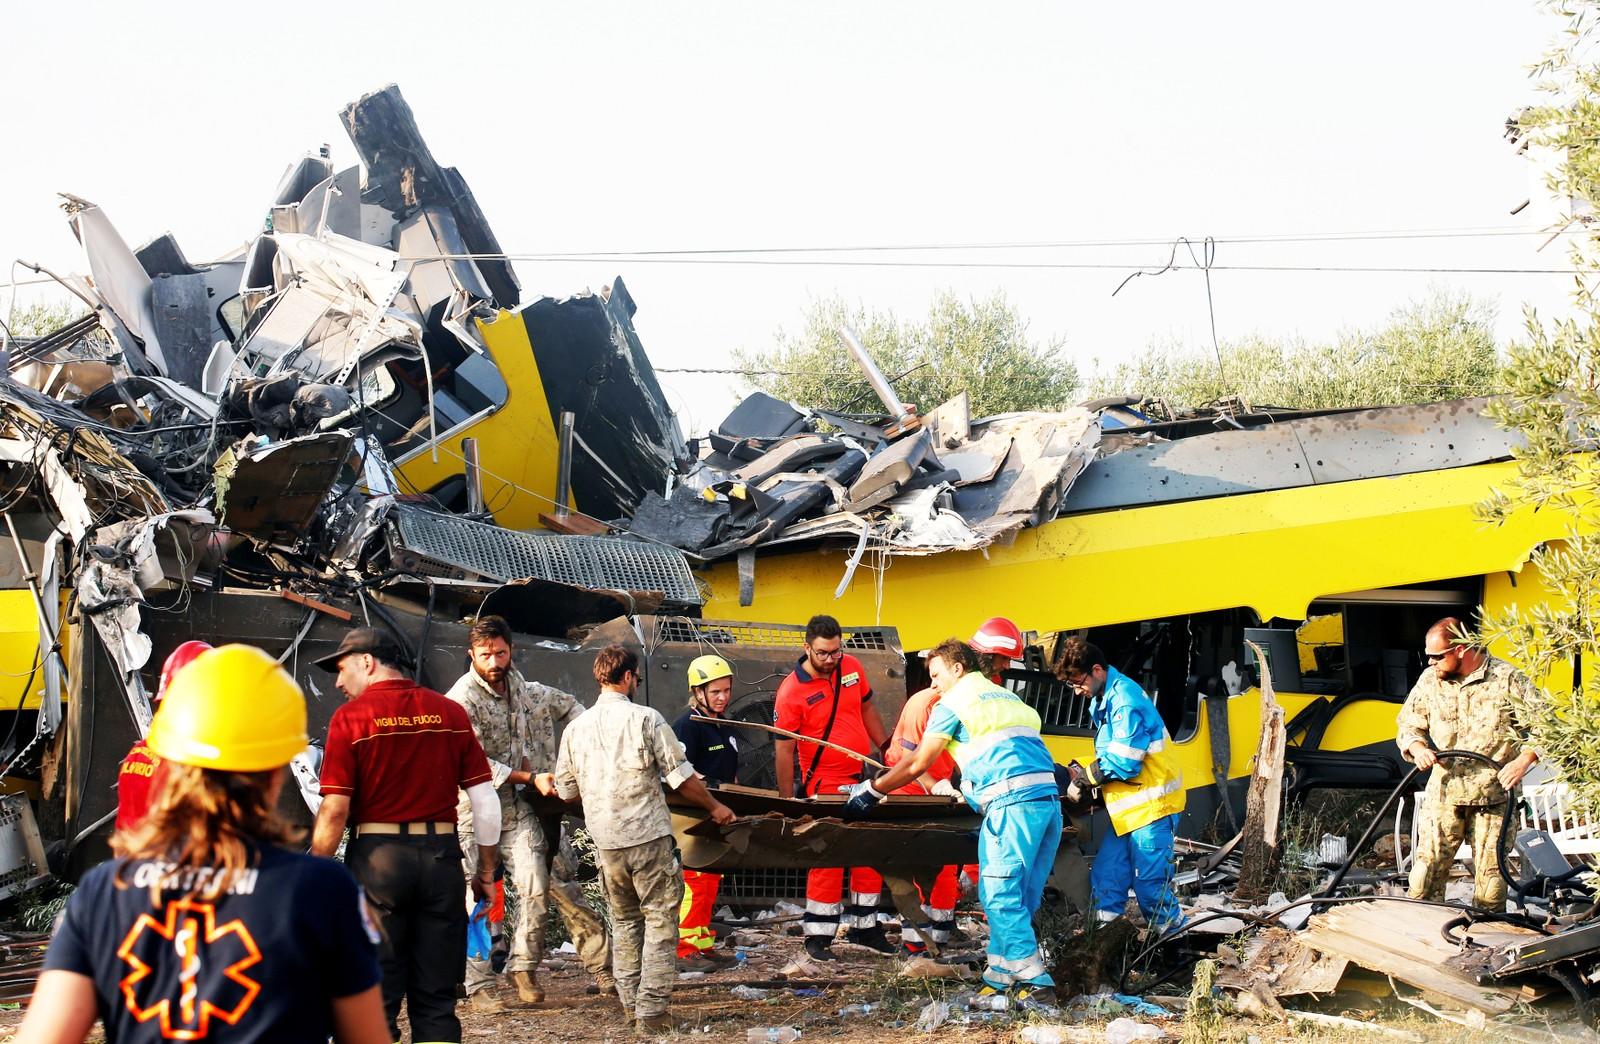 Redningsarbeid etter togulykke ved Bari i Italia